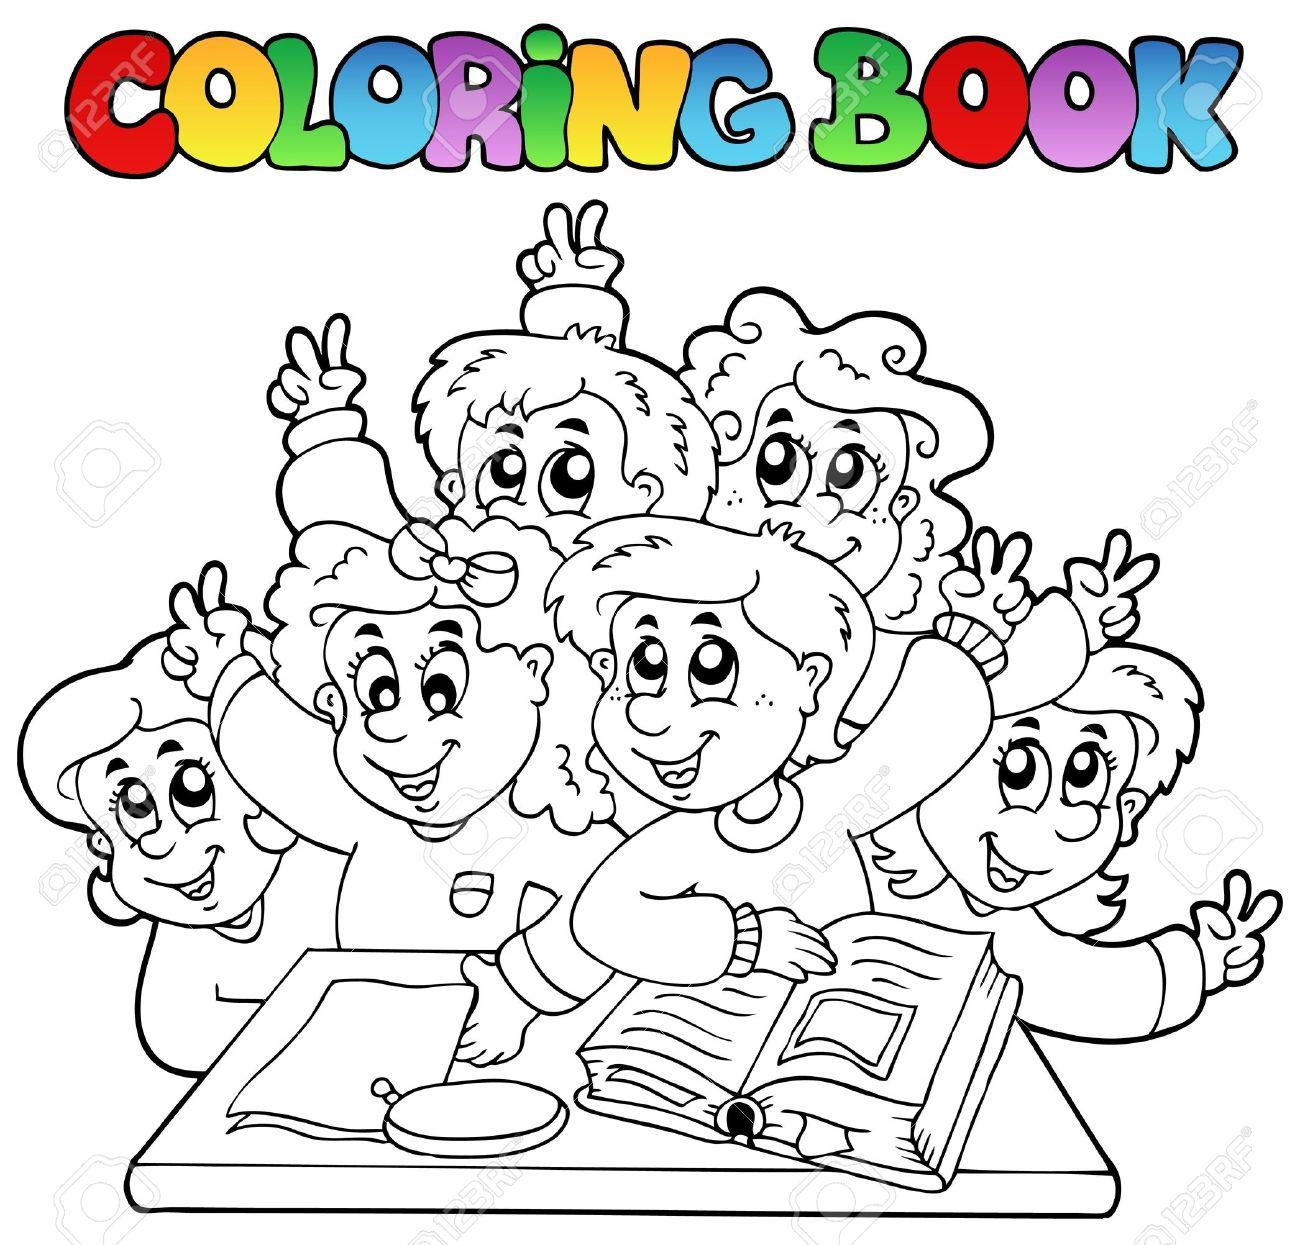 Excepcional Libros Para Colorear Para Adolescentes Imágenes - Ideas ...